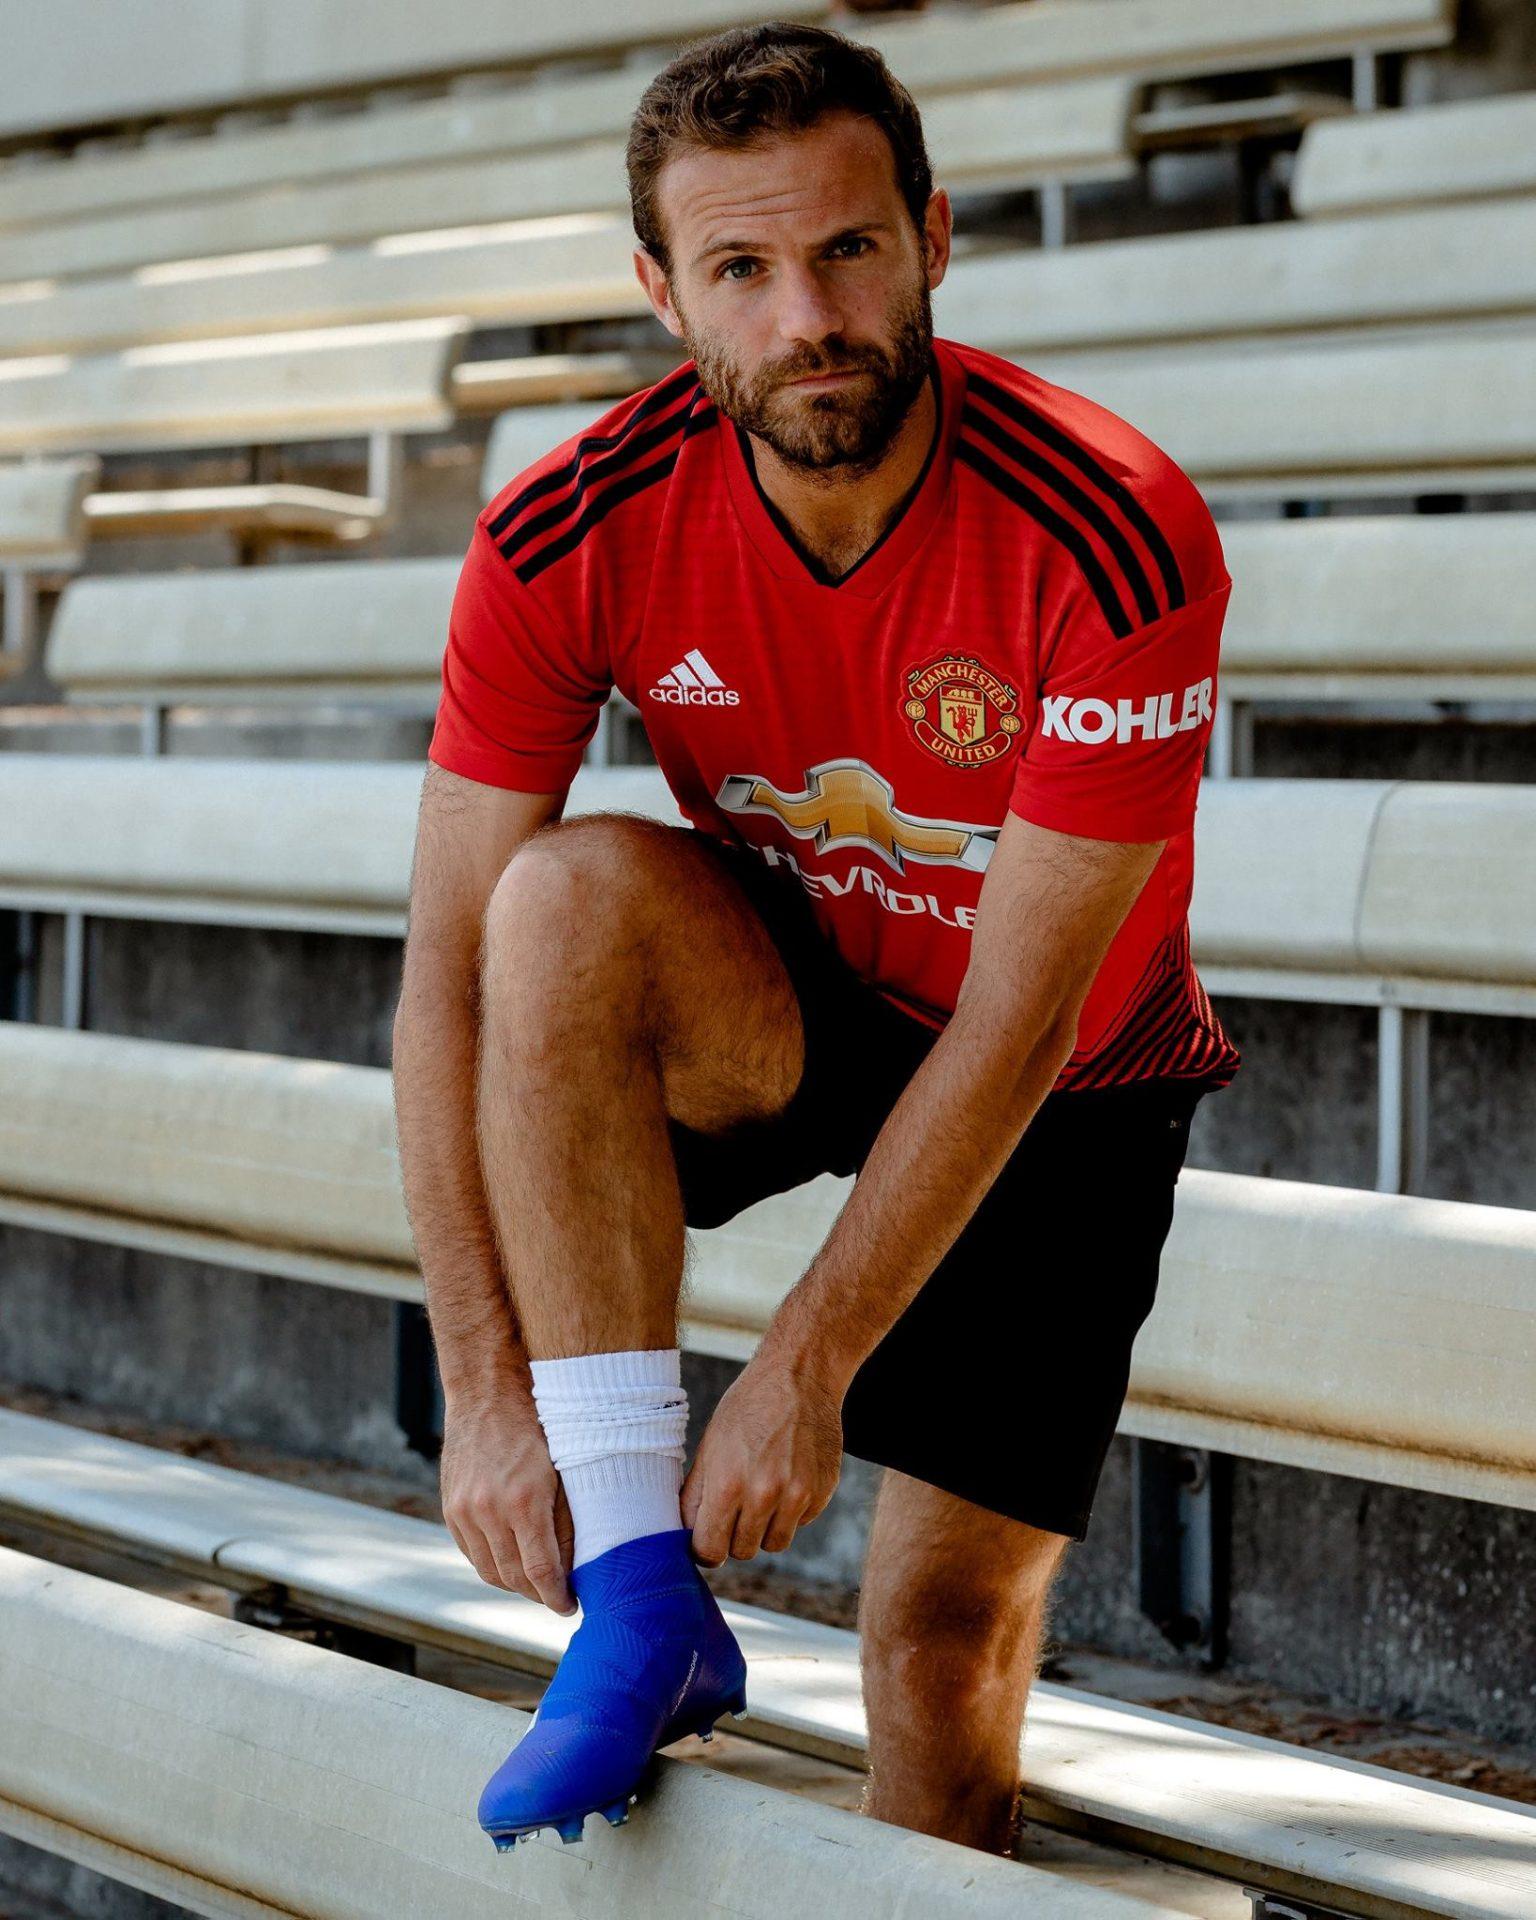 Manchester United Kohler Sponsor Partner Sleeve Sponsor